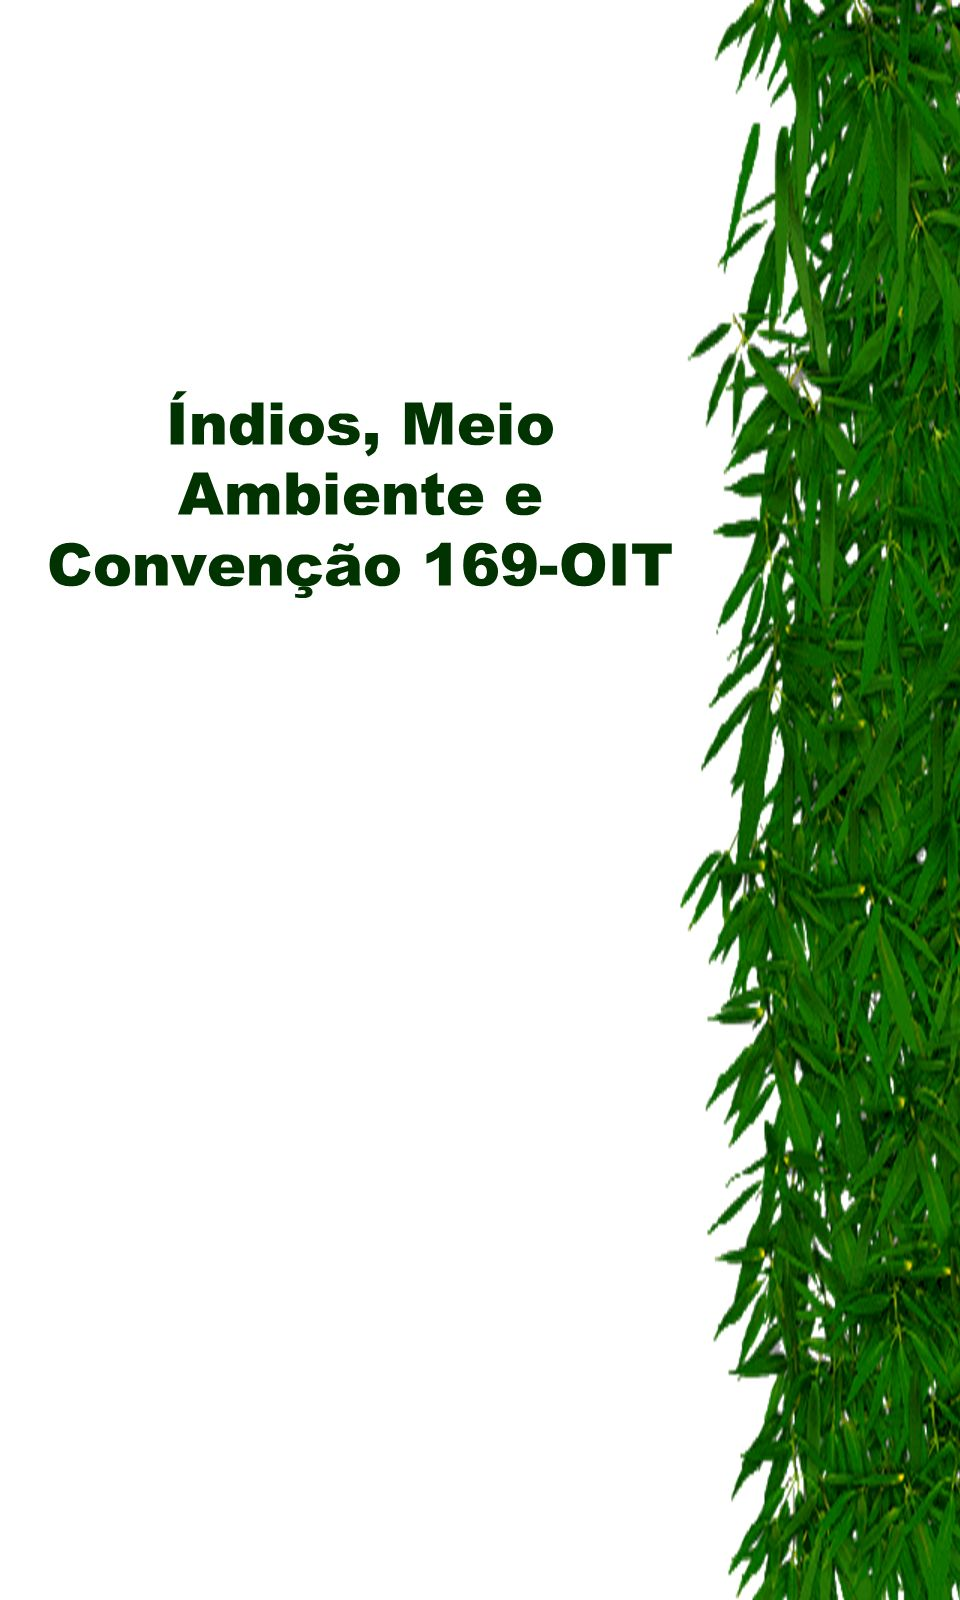 Índios, Meio Ambiente e Convenção 169-OIT